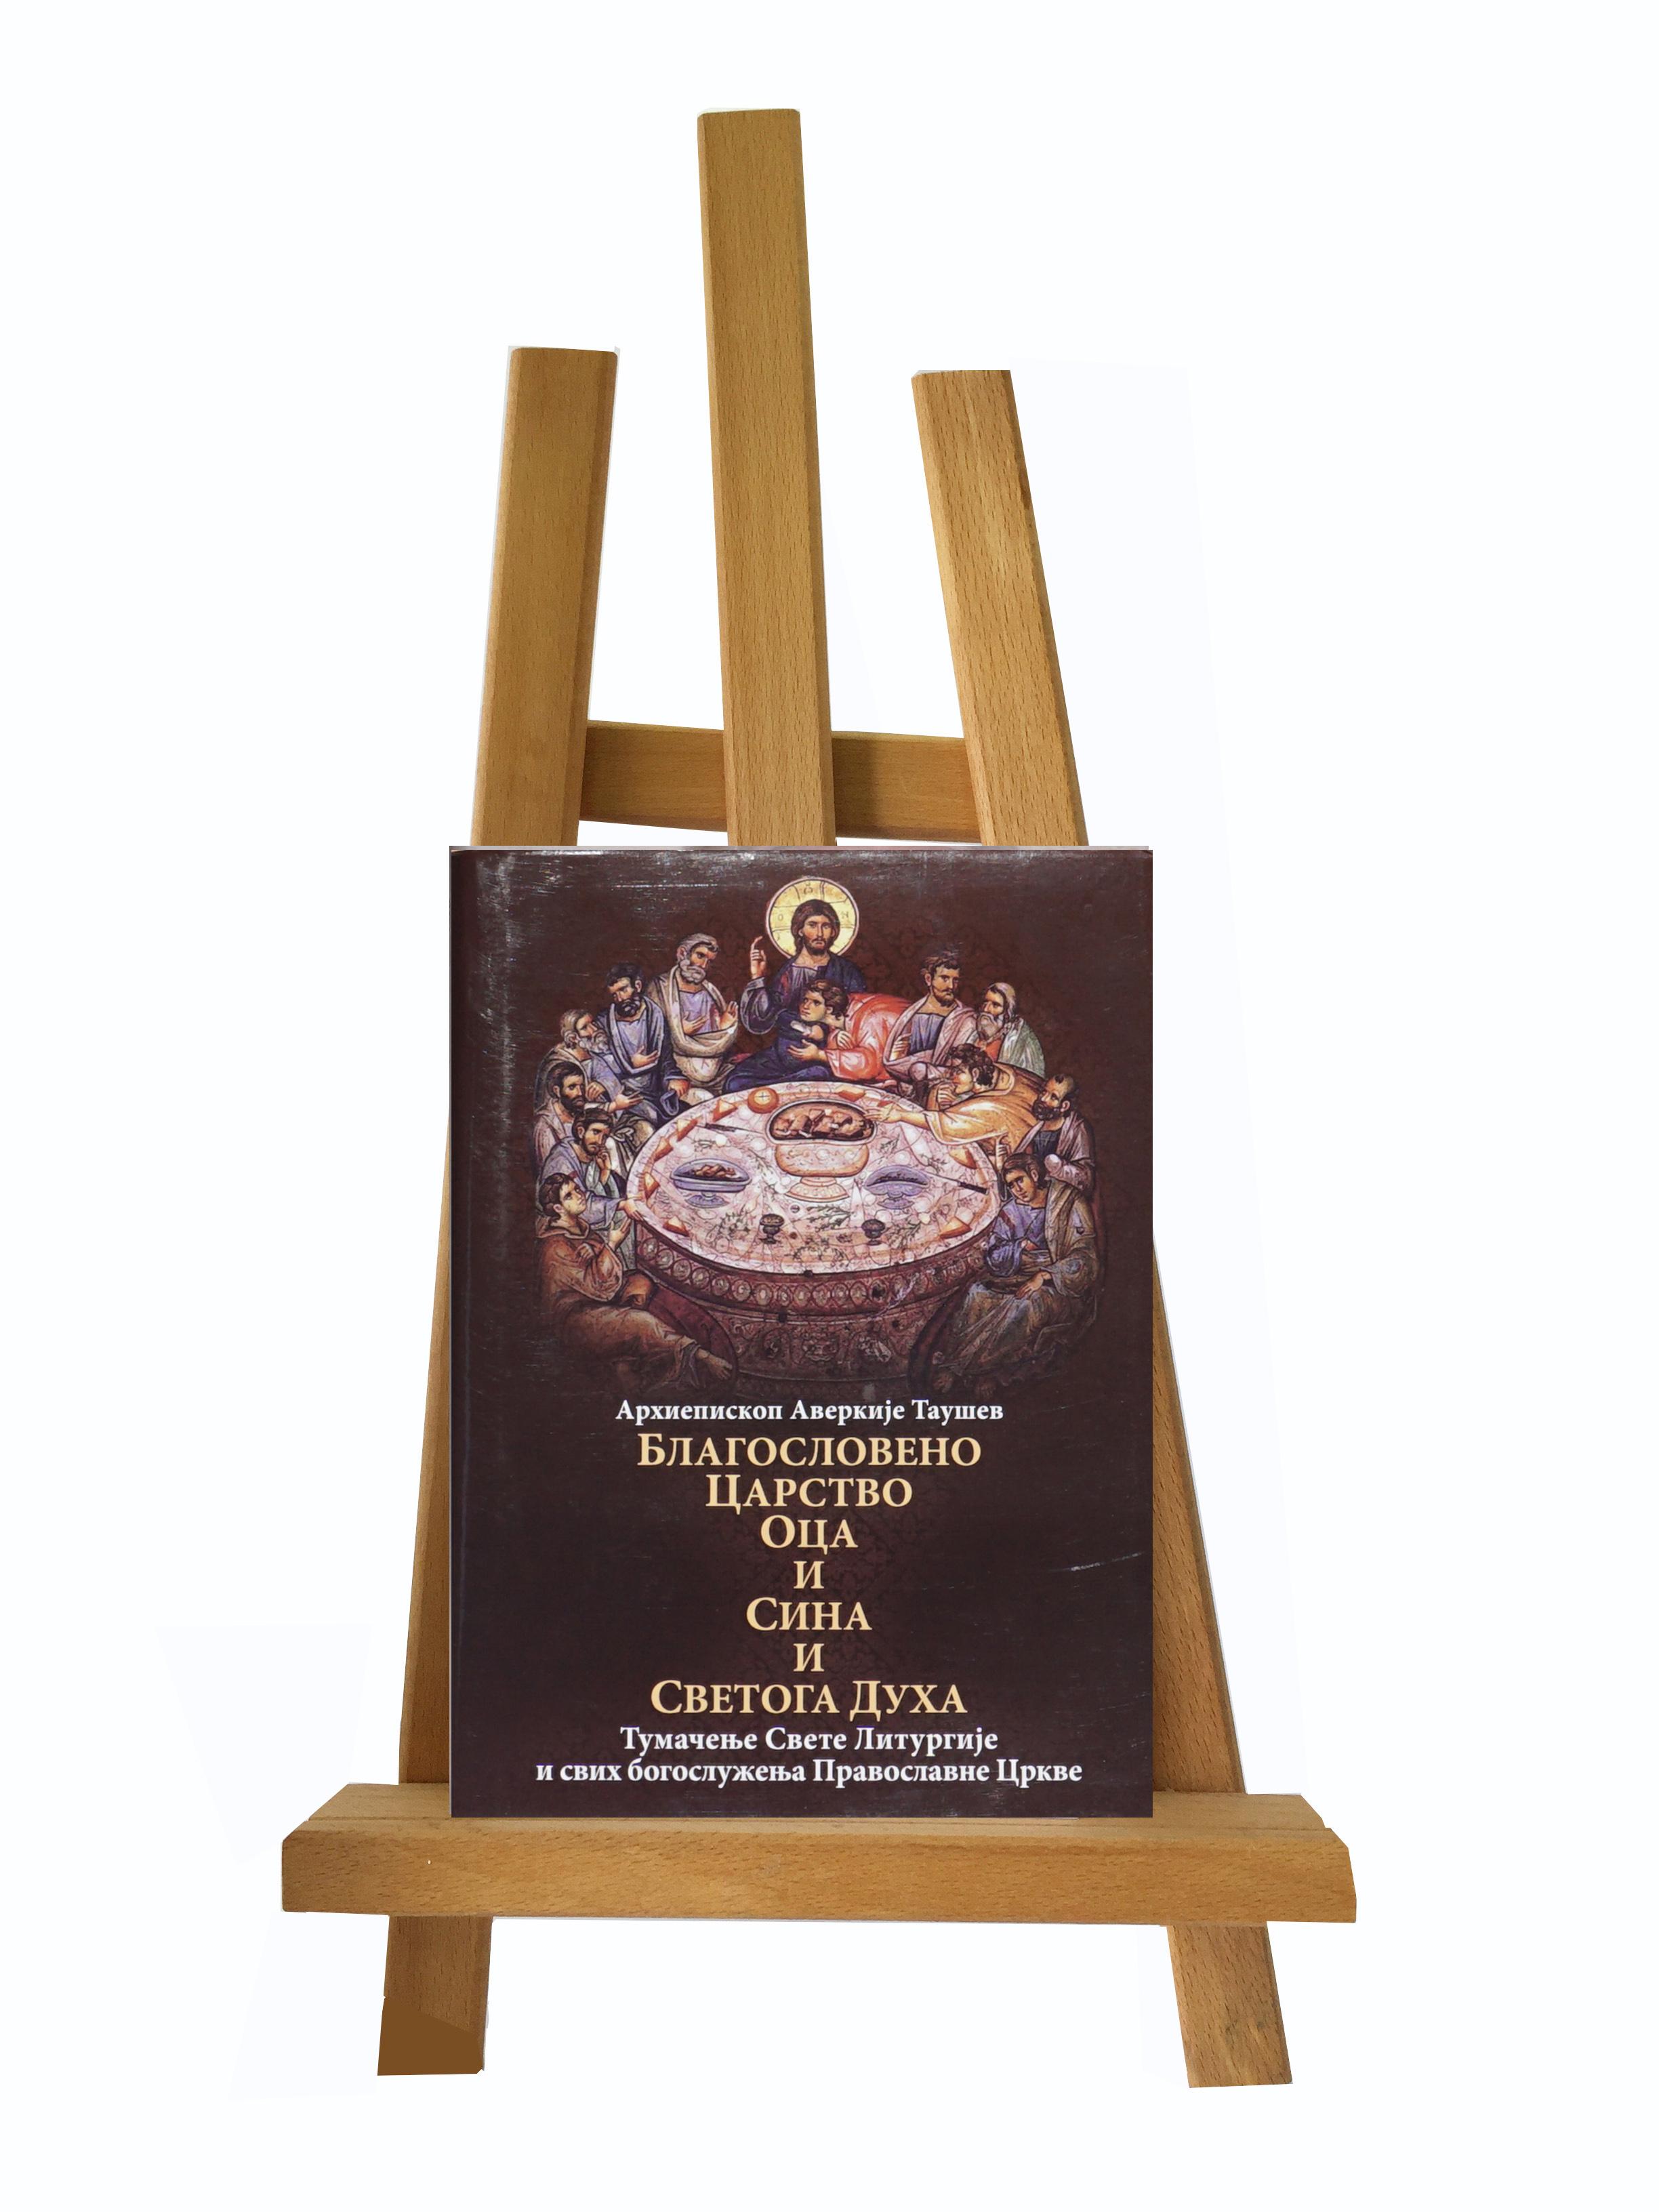 Blagosloveno Carstvo Oca i Sina i Svetoga Duha, Tumačenje Liturgije i svih bogosluženja Pravoslavne Crkve